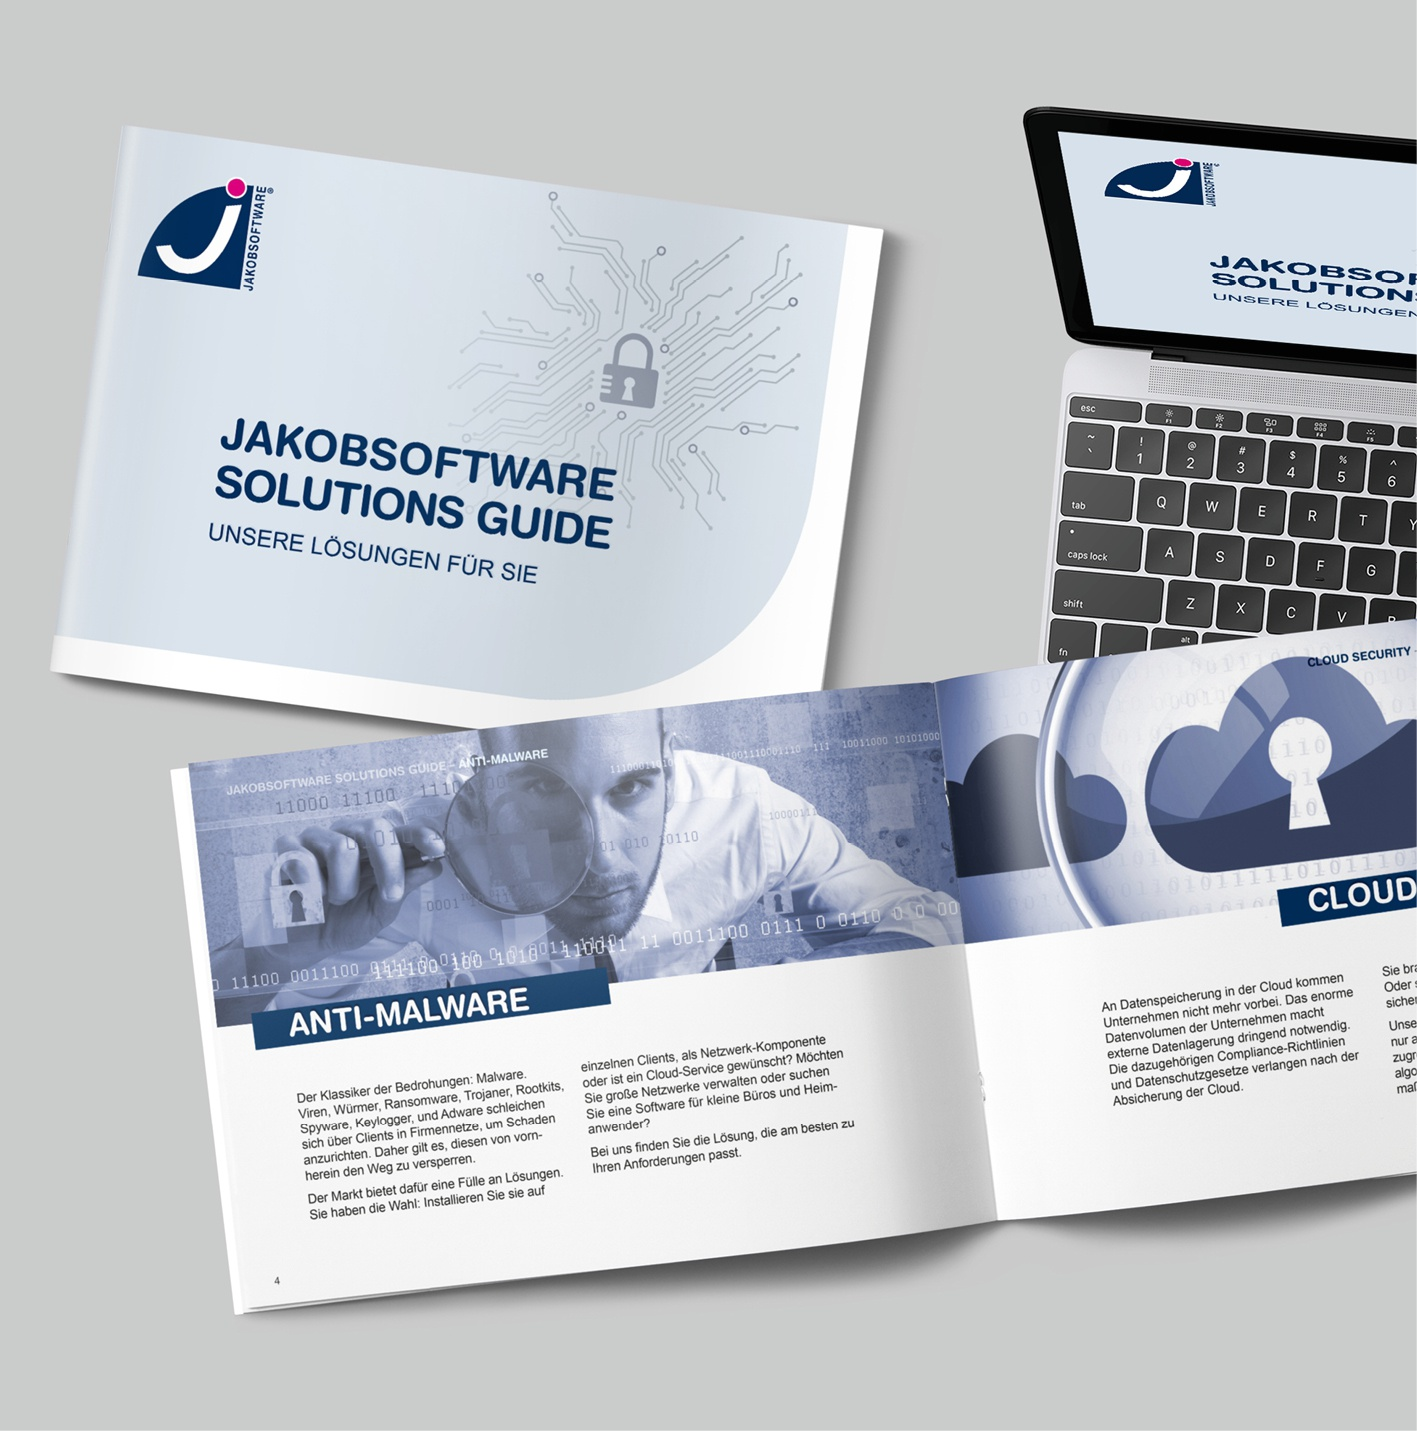 JAKOBSSOFTWARE: Auftrag über Akima Media, Broschüre, Produkt-/Salesbroschüre, print und online, Template-Erstellung